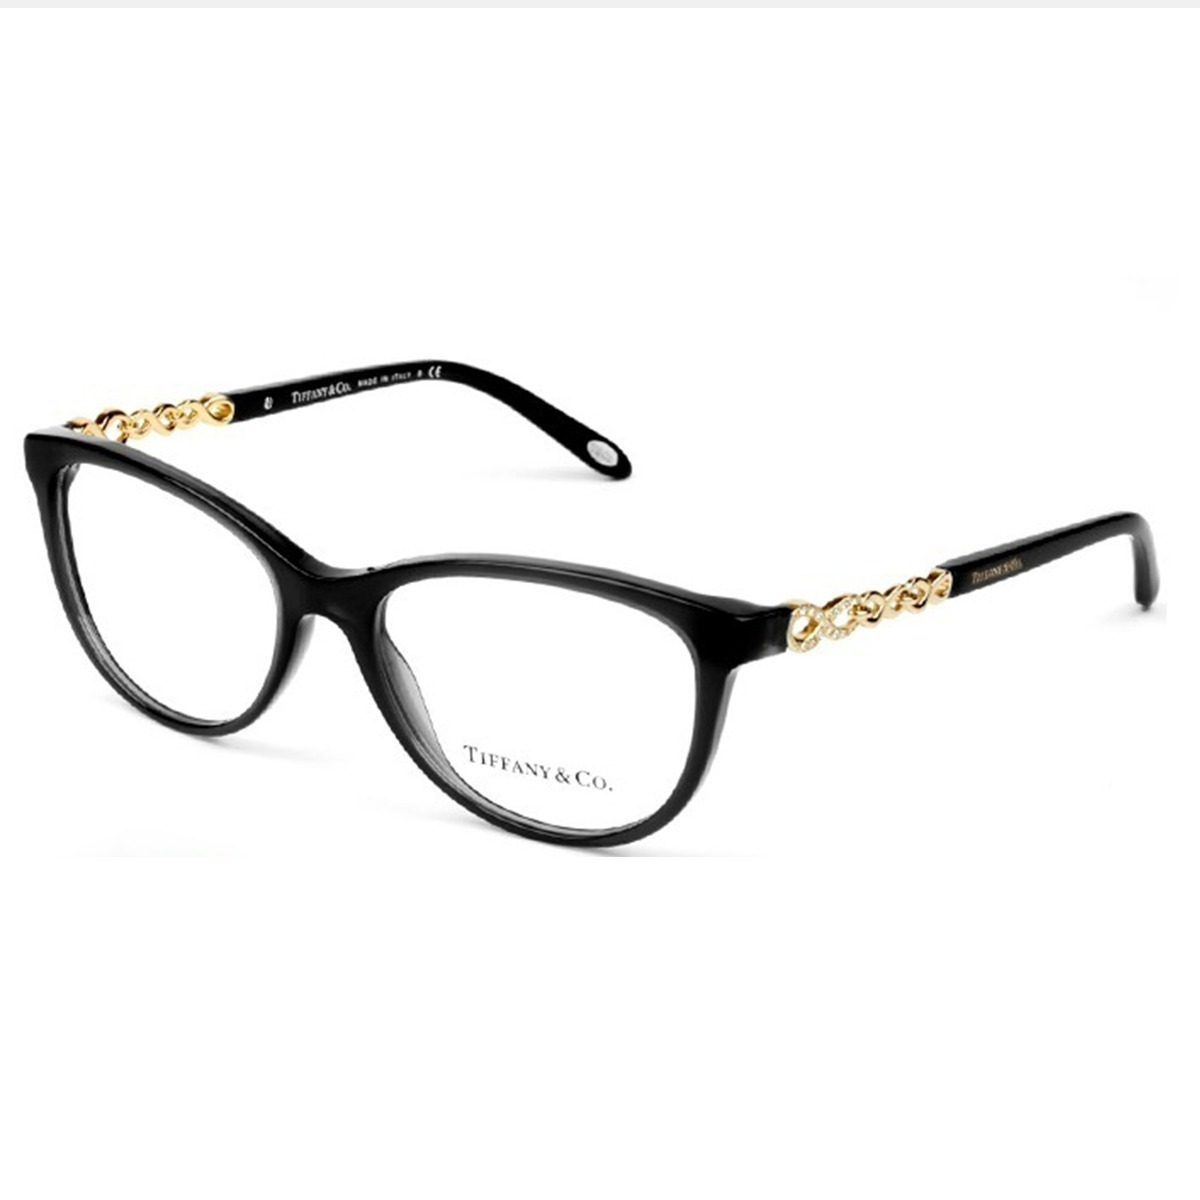 armação de grau tiffany   co. infinito tf2120-b oculos. Carregando zoom. d9b9c48f5c